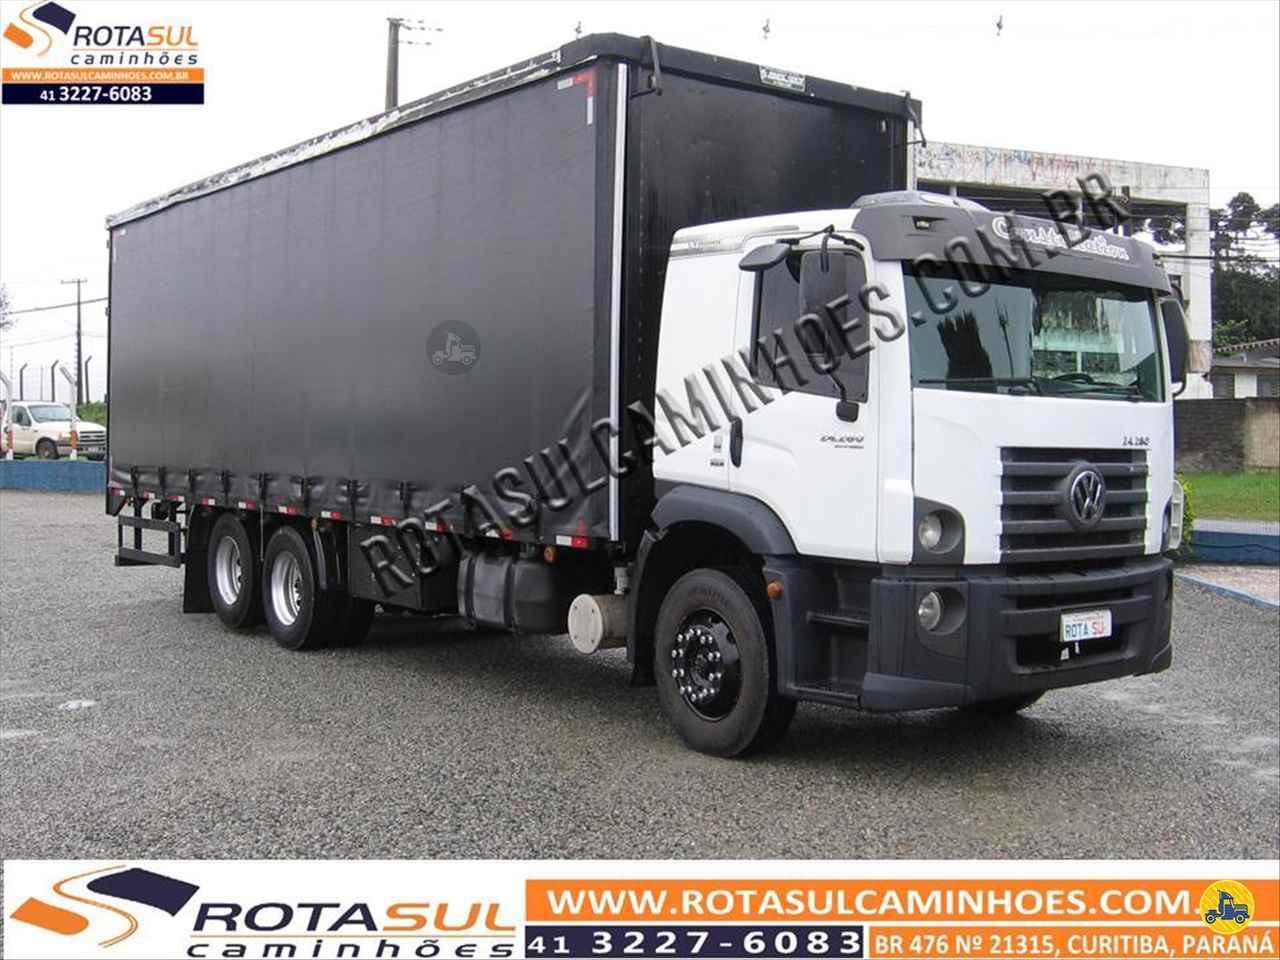 CAMINHAO VOLKSWAGEN VW 24280 Baú Sider Truck 6x2 Rota Sul Caminhões CURITIBA PARANÁ PR